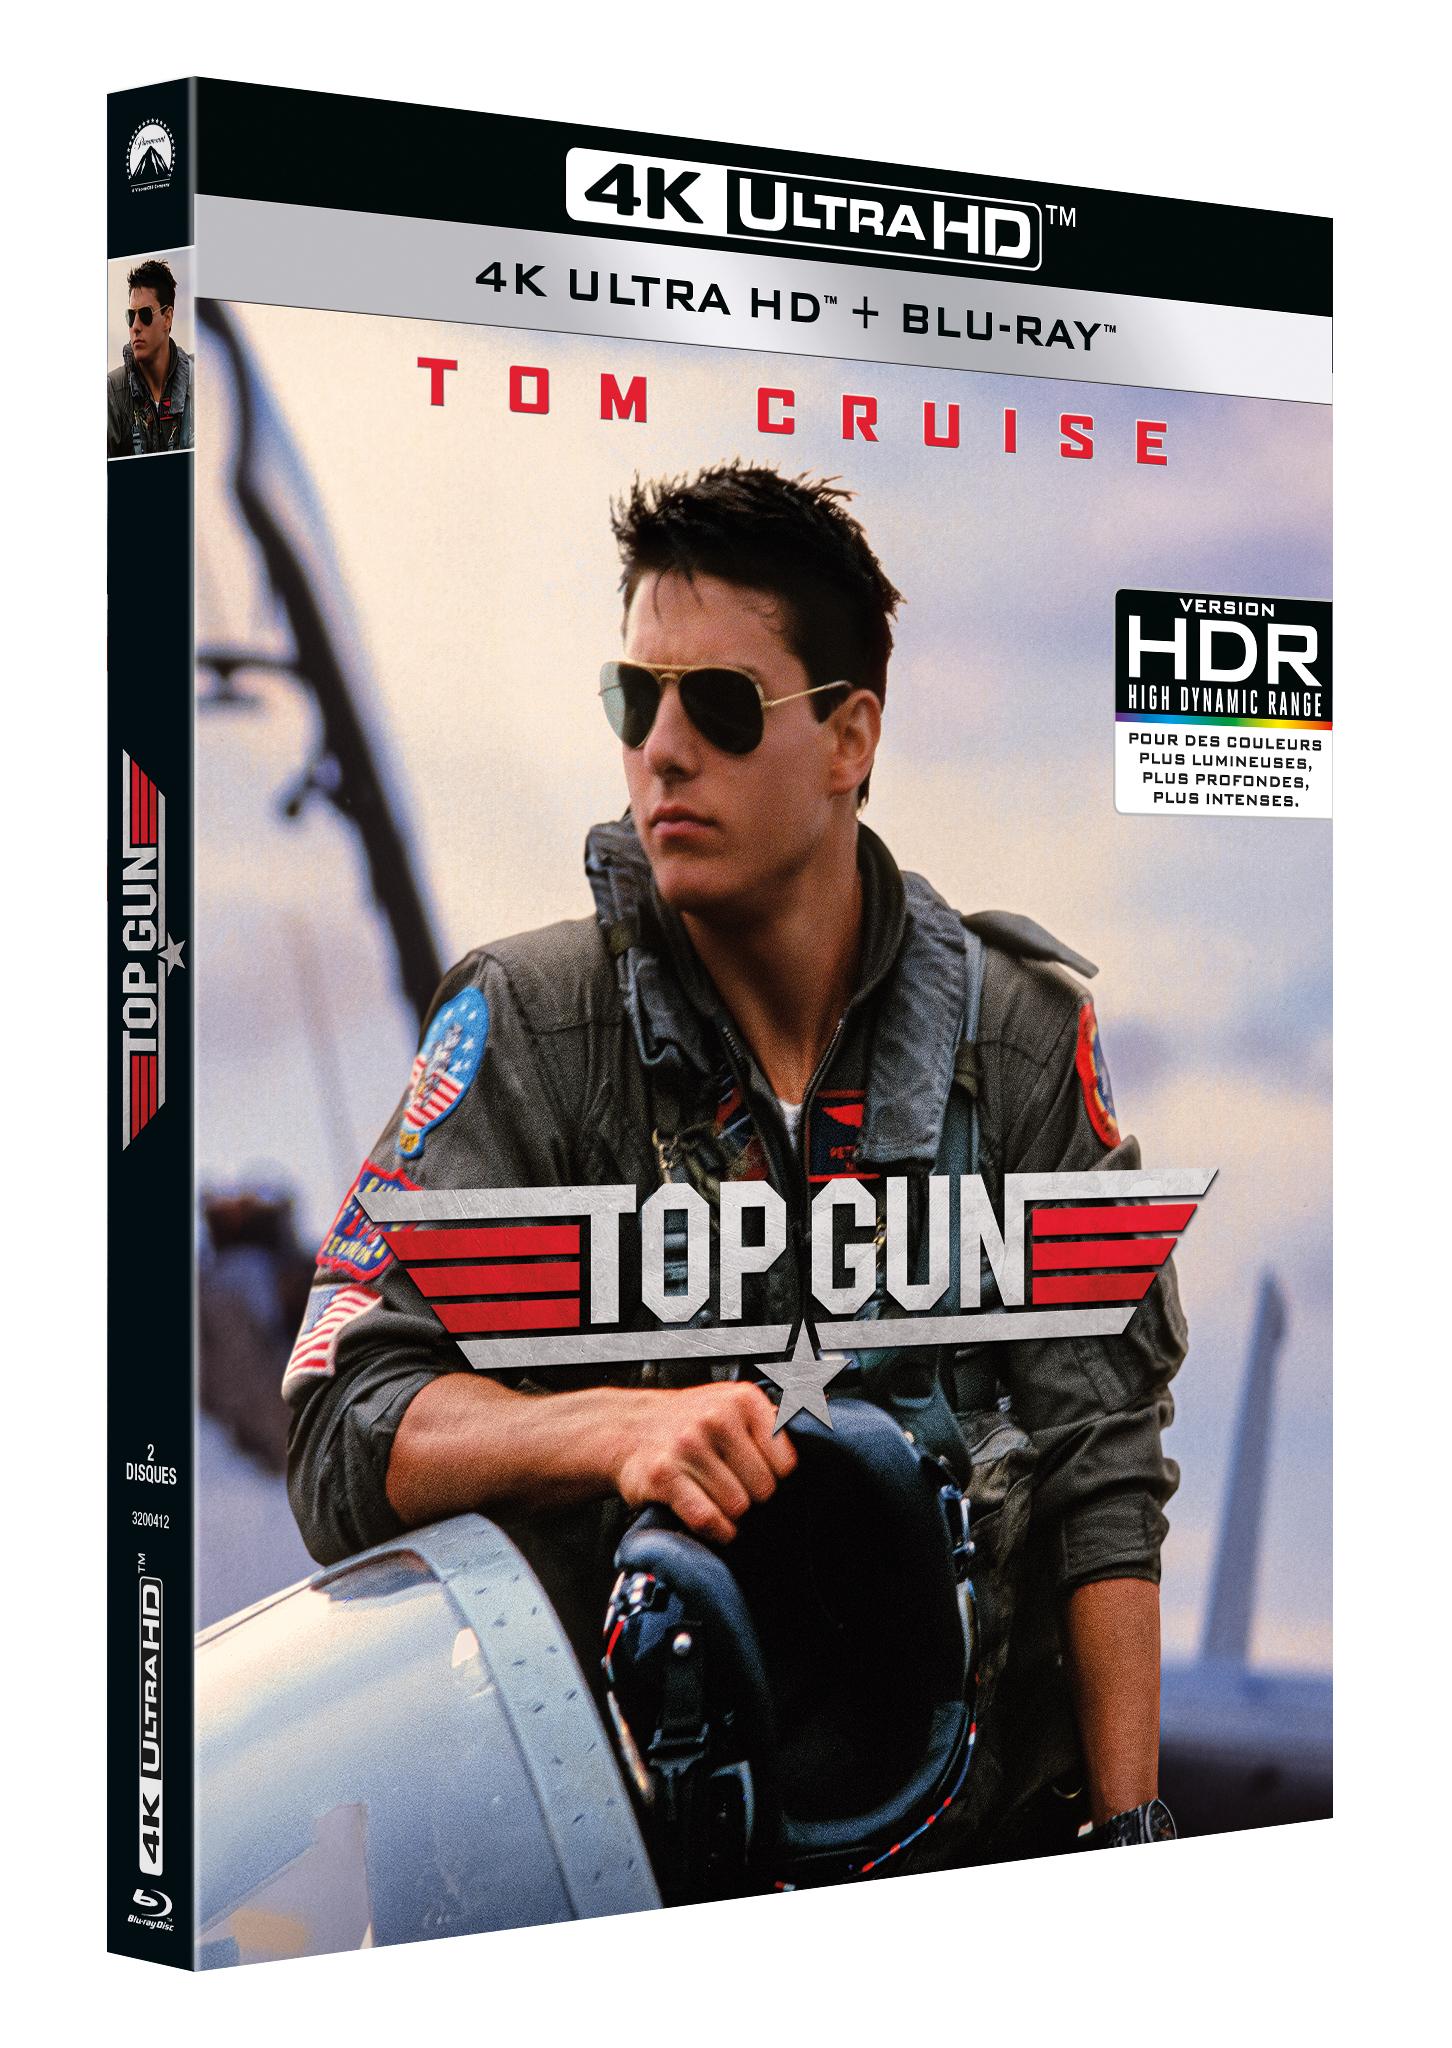 TOP GUN  - EDITION UHD 4K + BLU-RAY